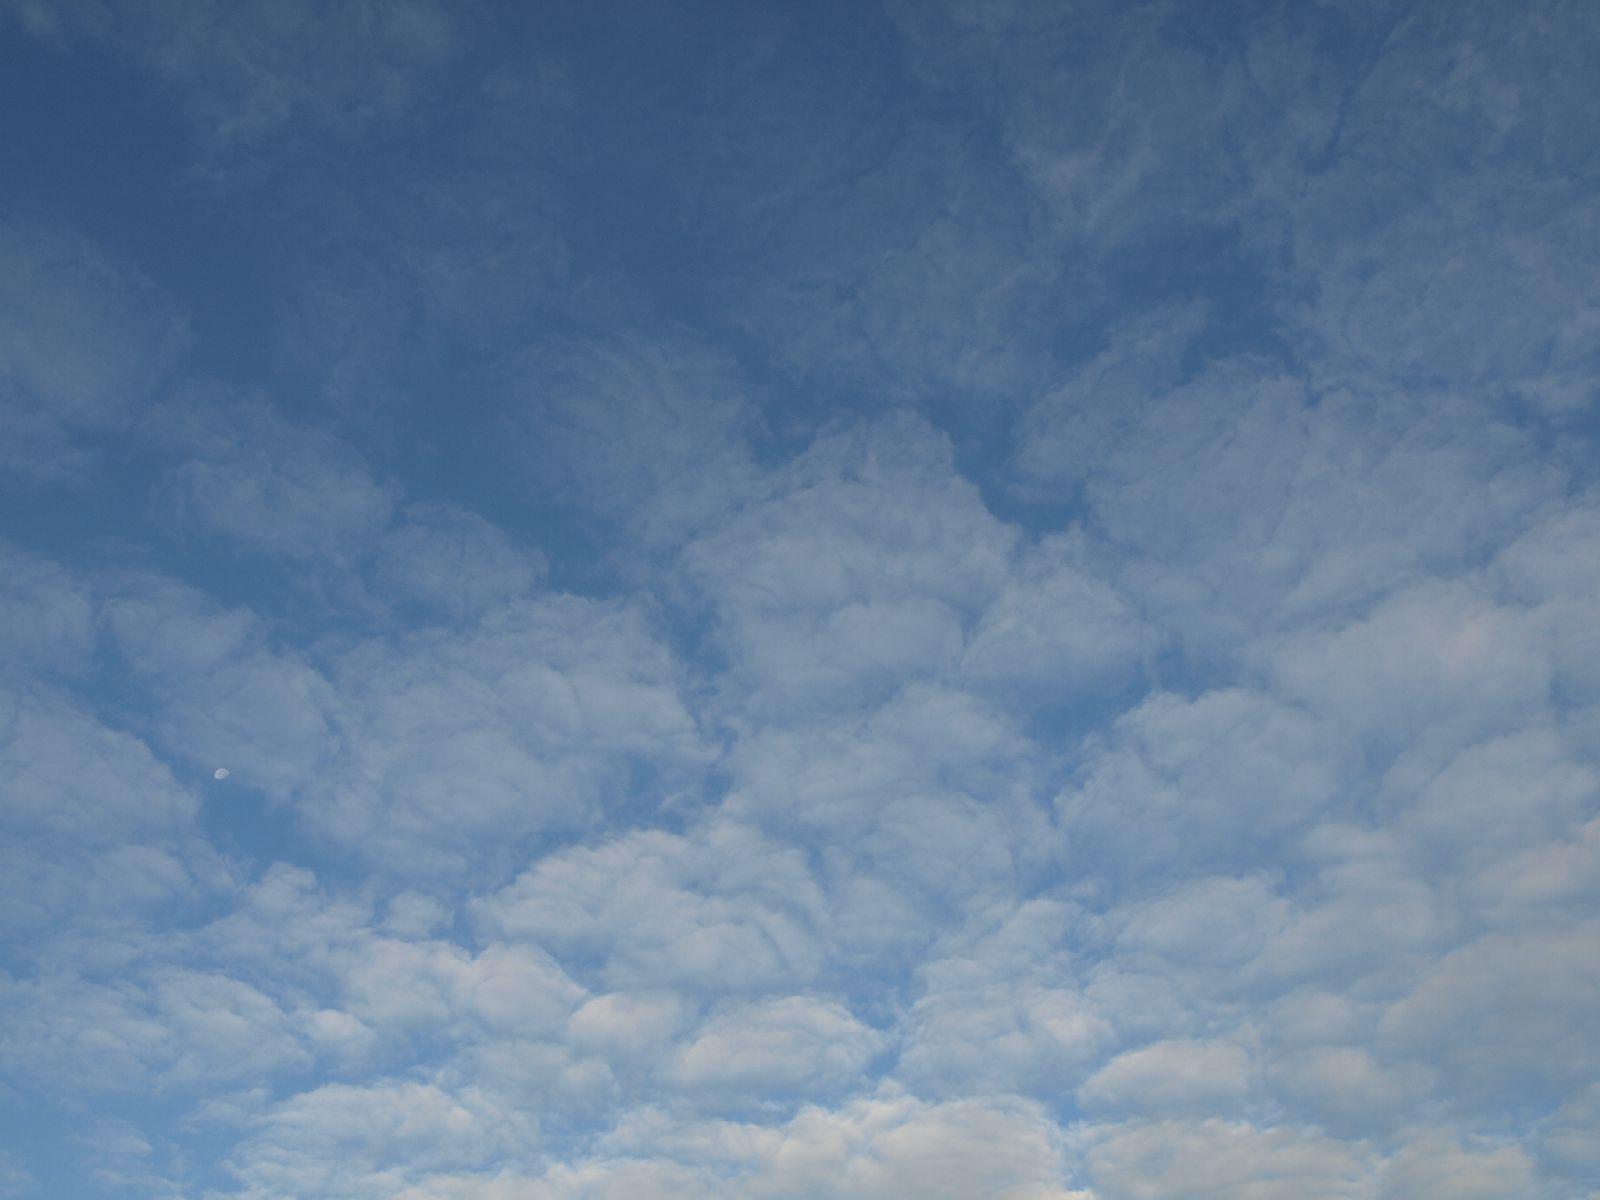 Himmel-Wolken-Foto_Textur_A_P8214562